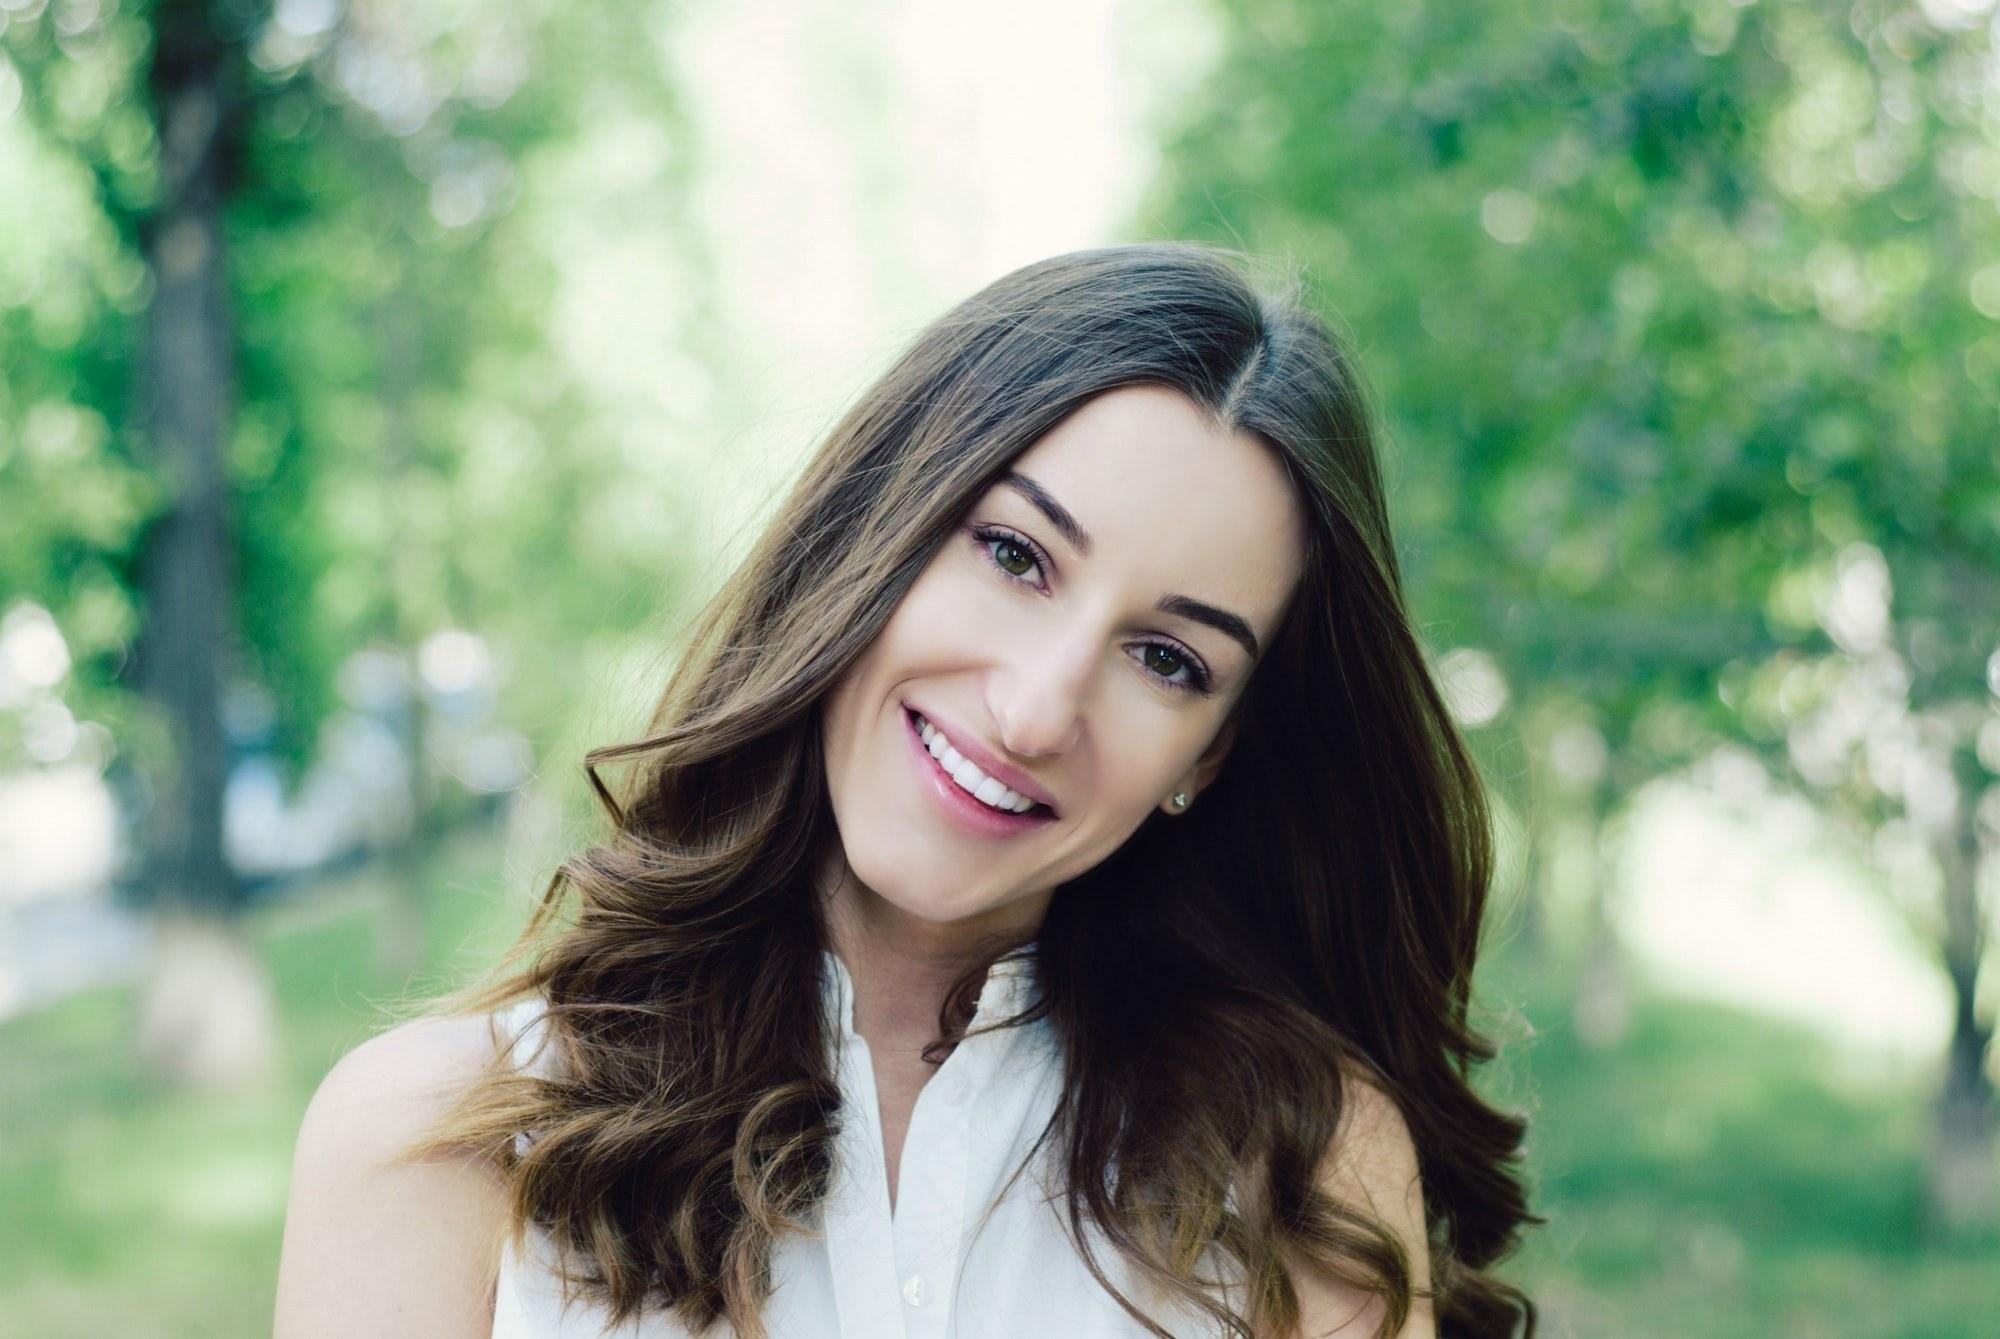 Фотосессия молодой девушки с красивой улыбкой - Фотограф Киев - Женя Лайт